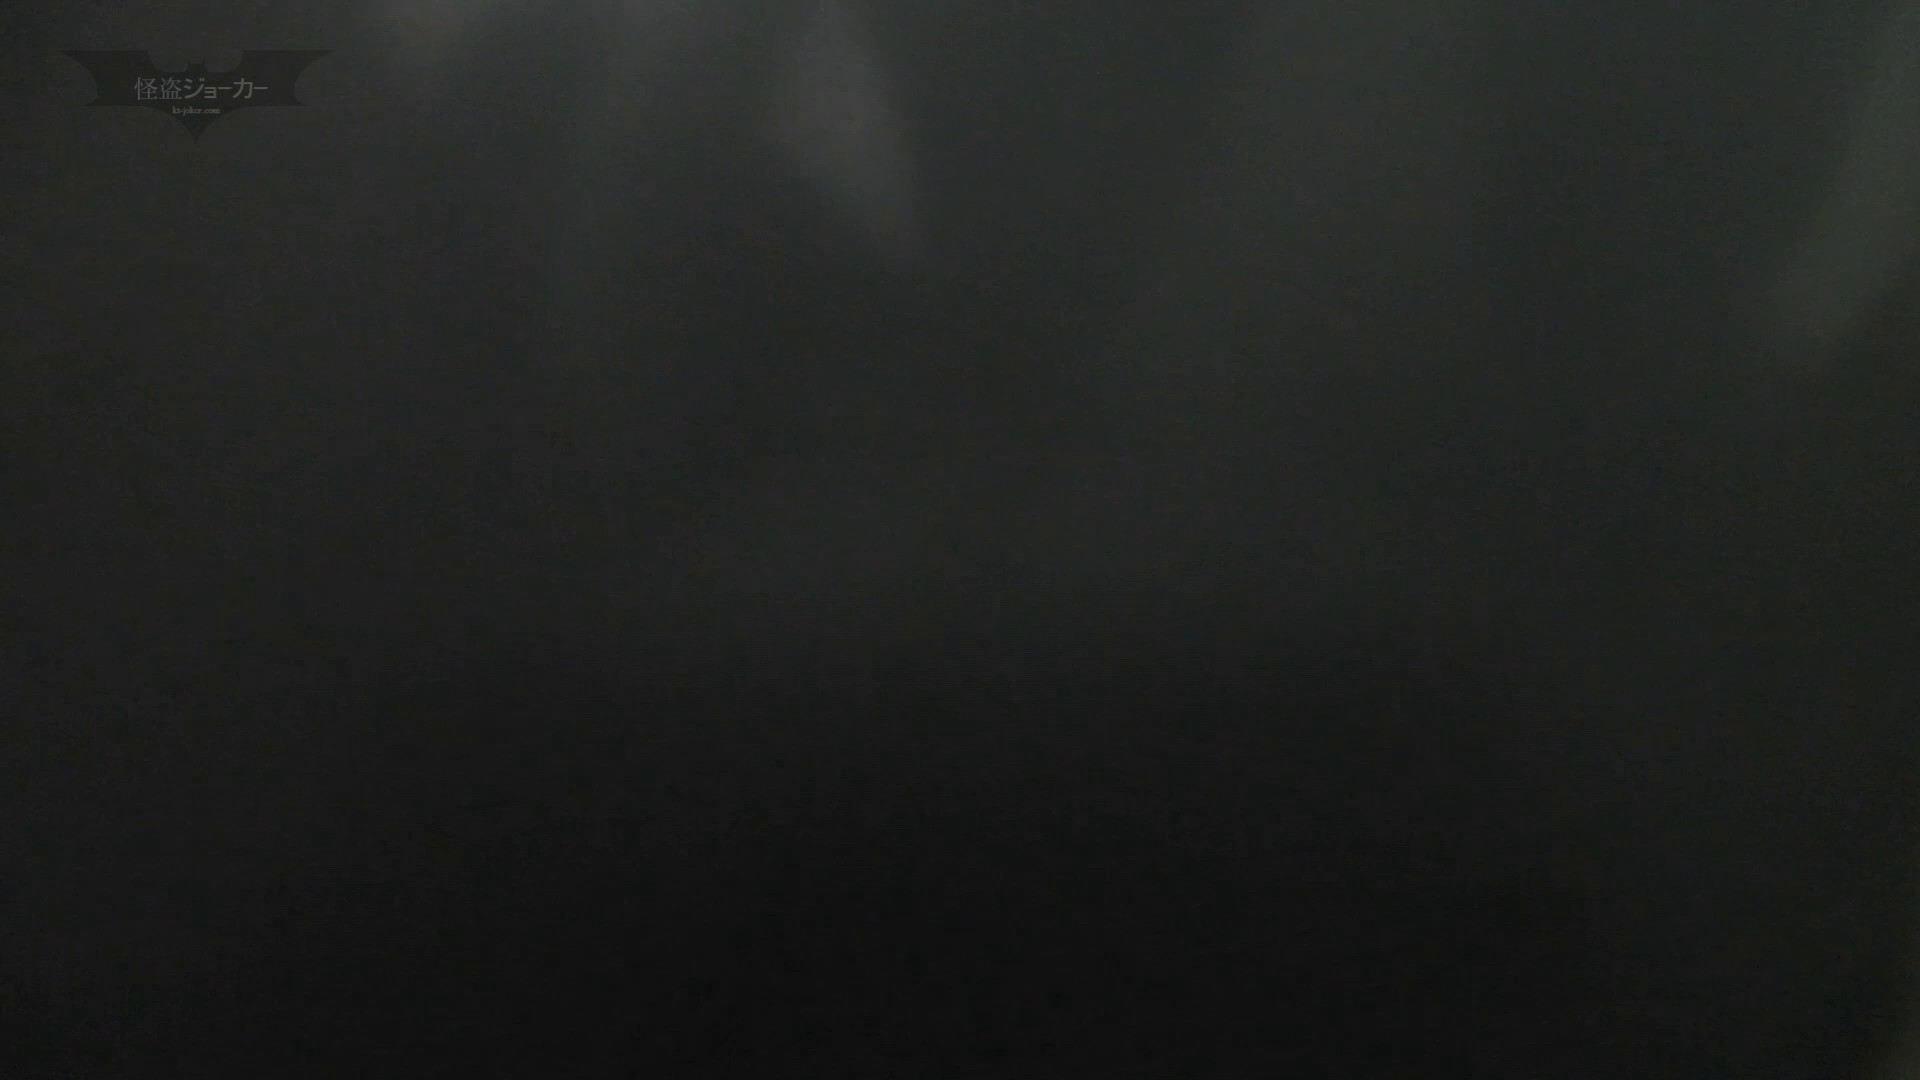 下からノゾム vol.030 びしょびしょの連続、お尻半分濡れるほど、 高画質  68PIX 56